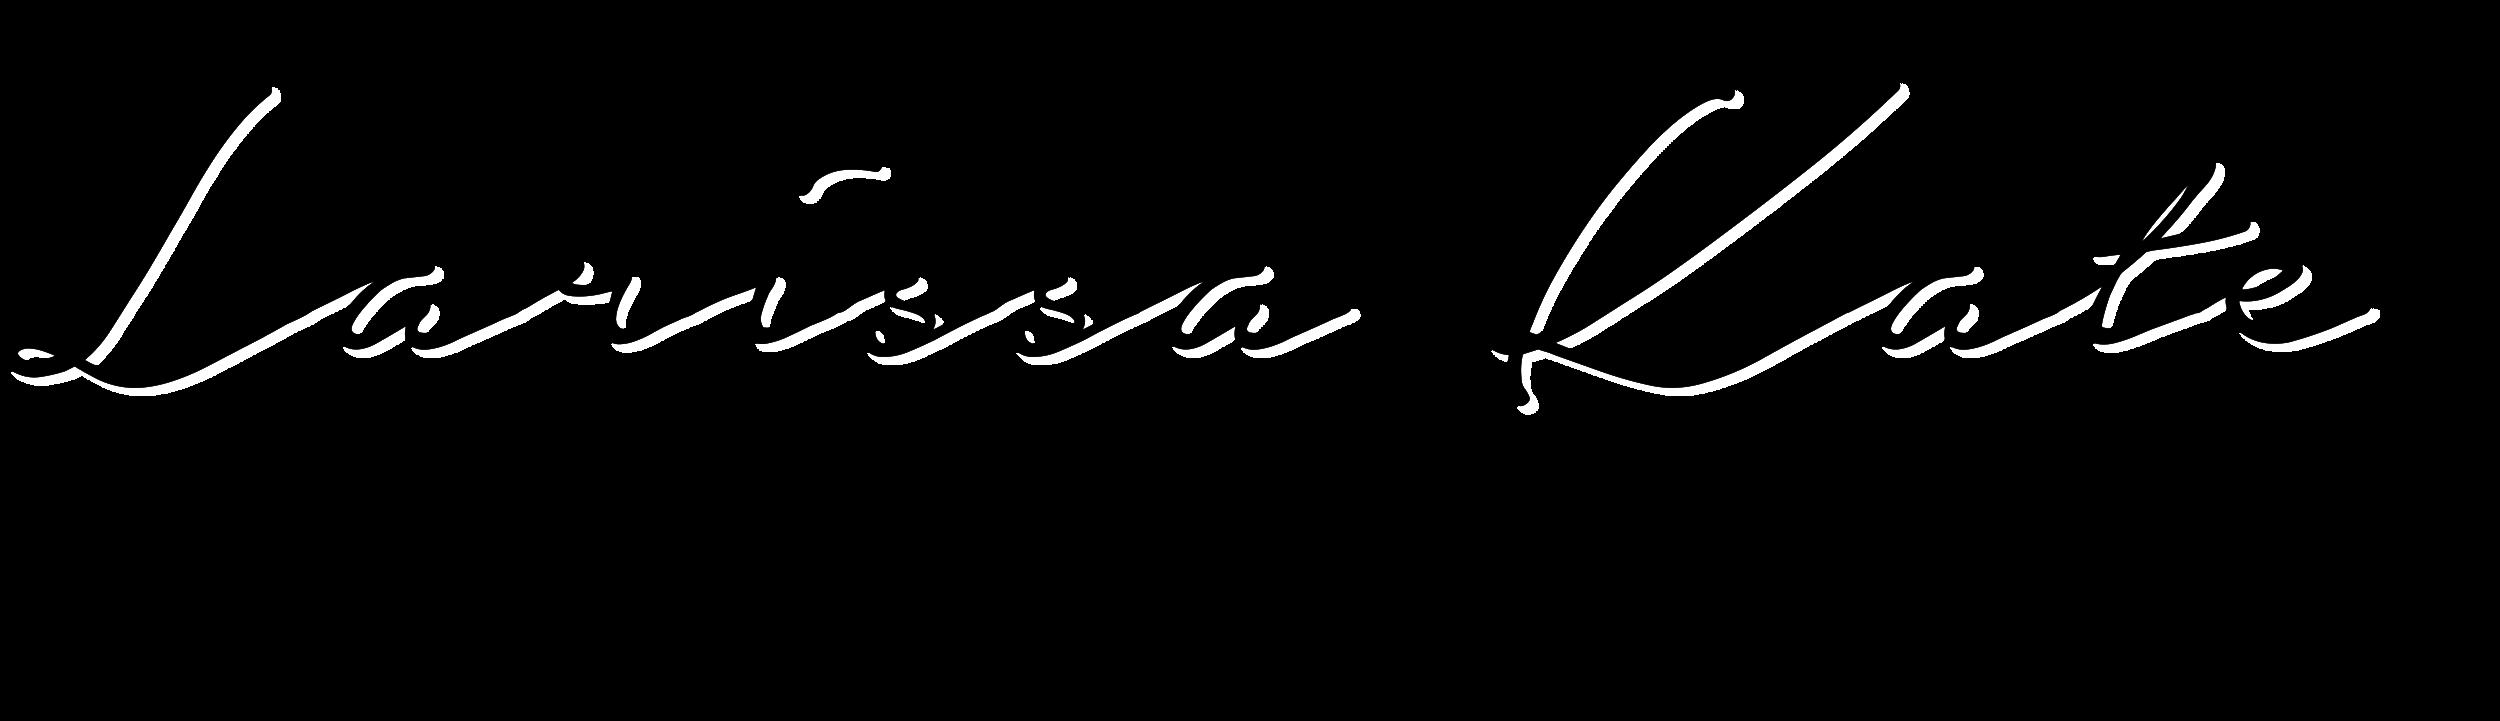 Larissa-Kate-Logo-Web.png